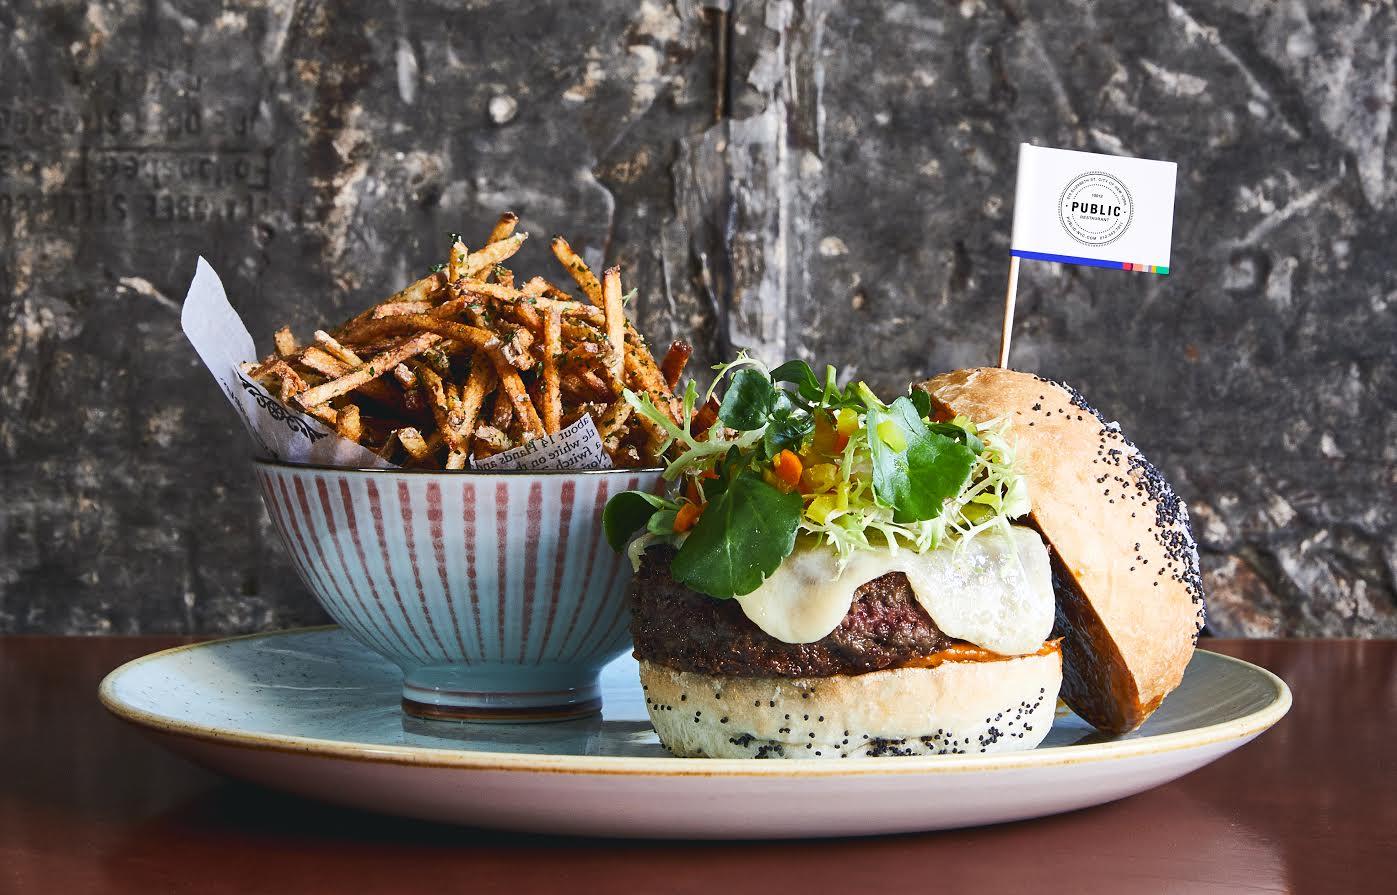 המבורגר טבעוני במסעדת PUBLIC בניו יורק